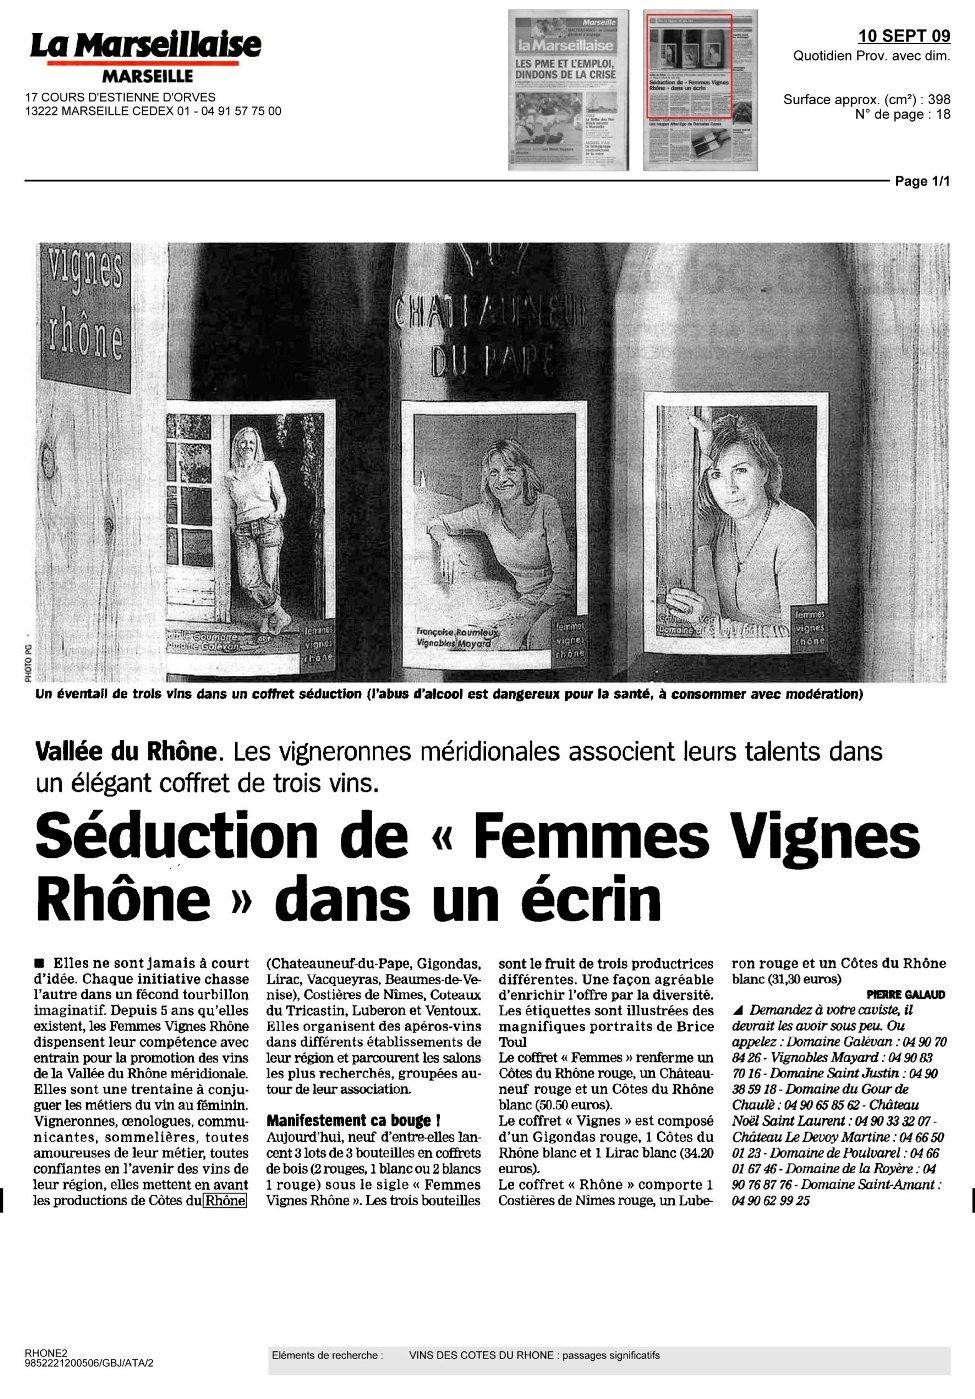 Coffrets séduction des Femmes Vignes Rhône